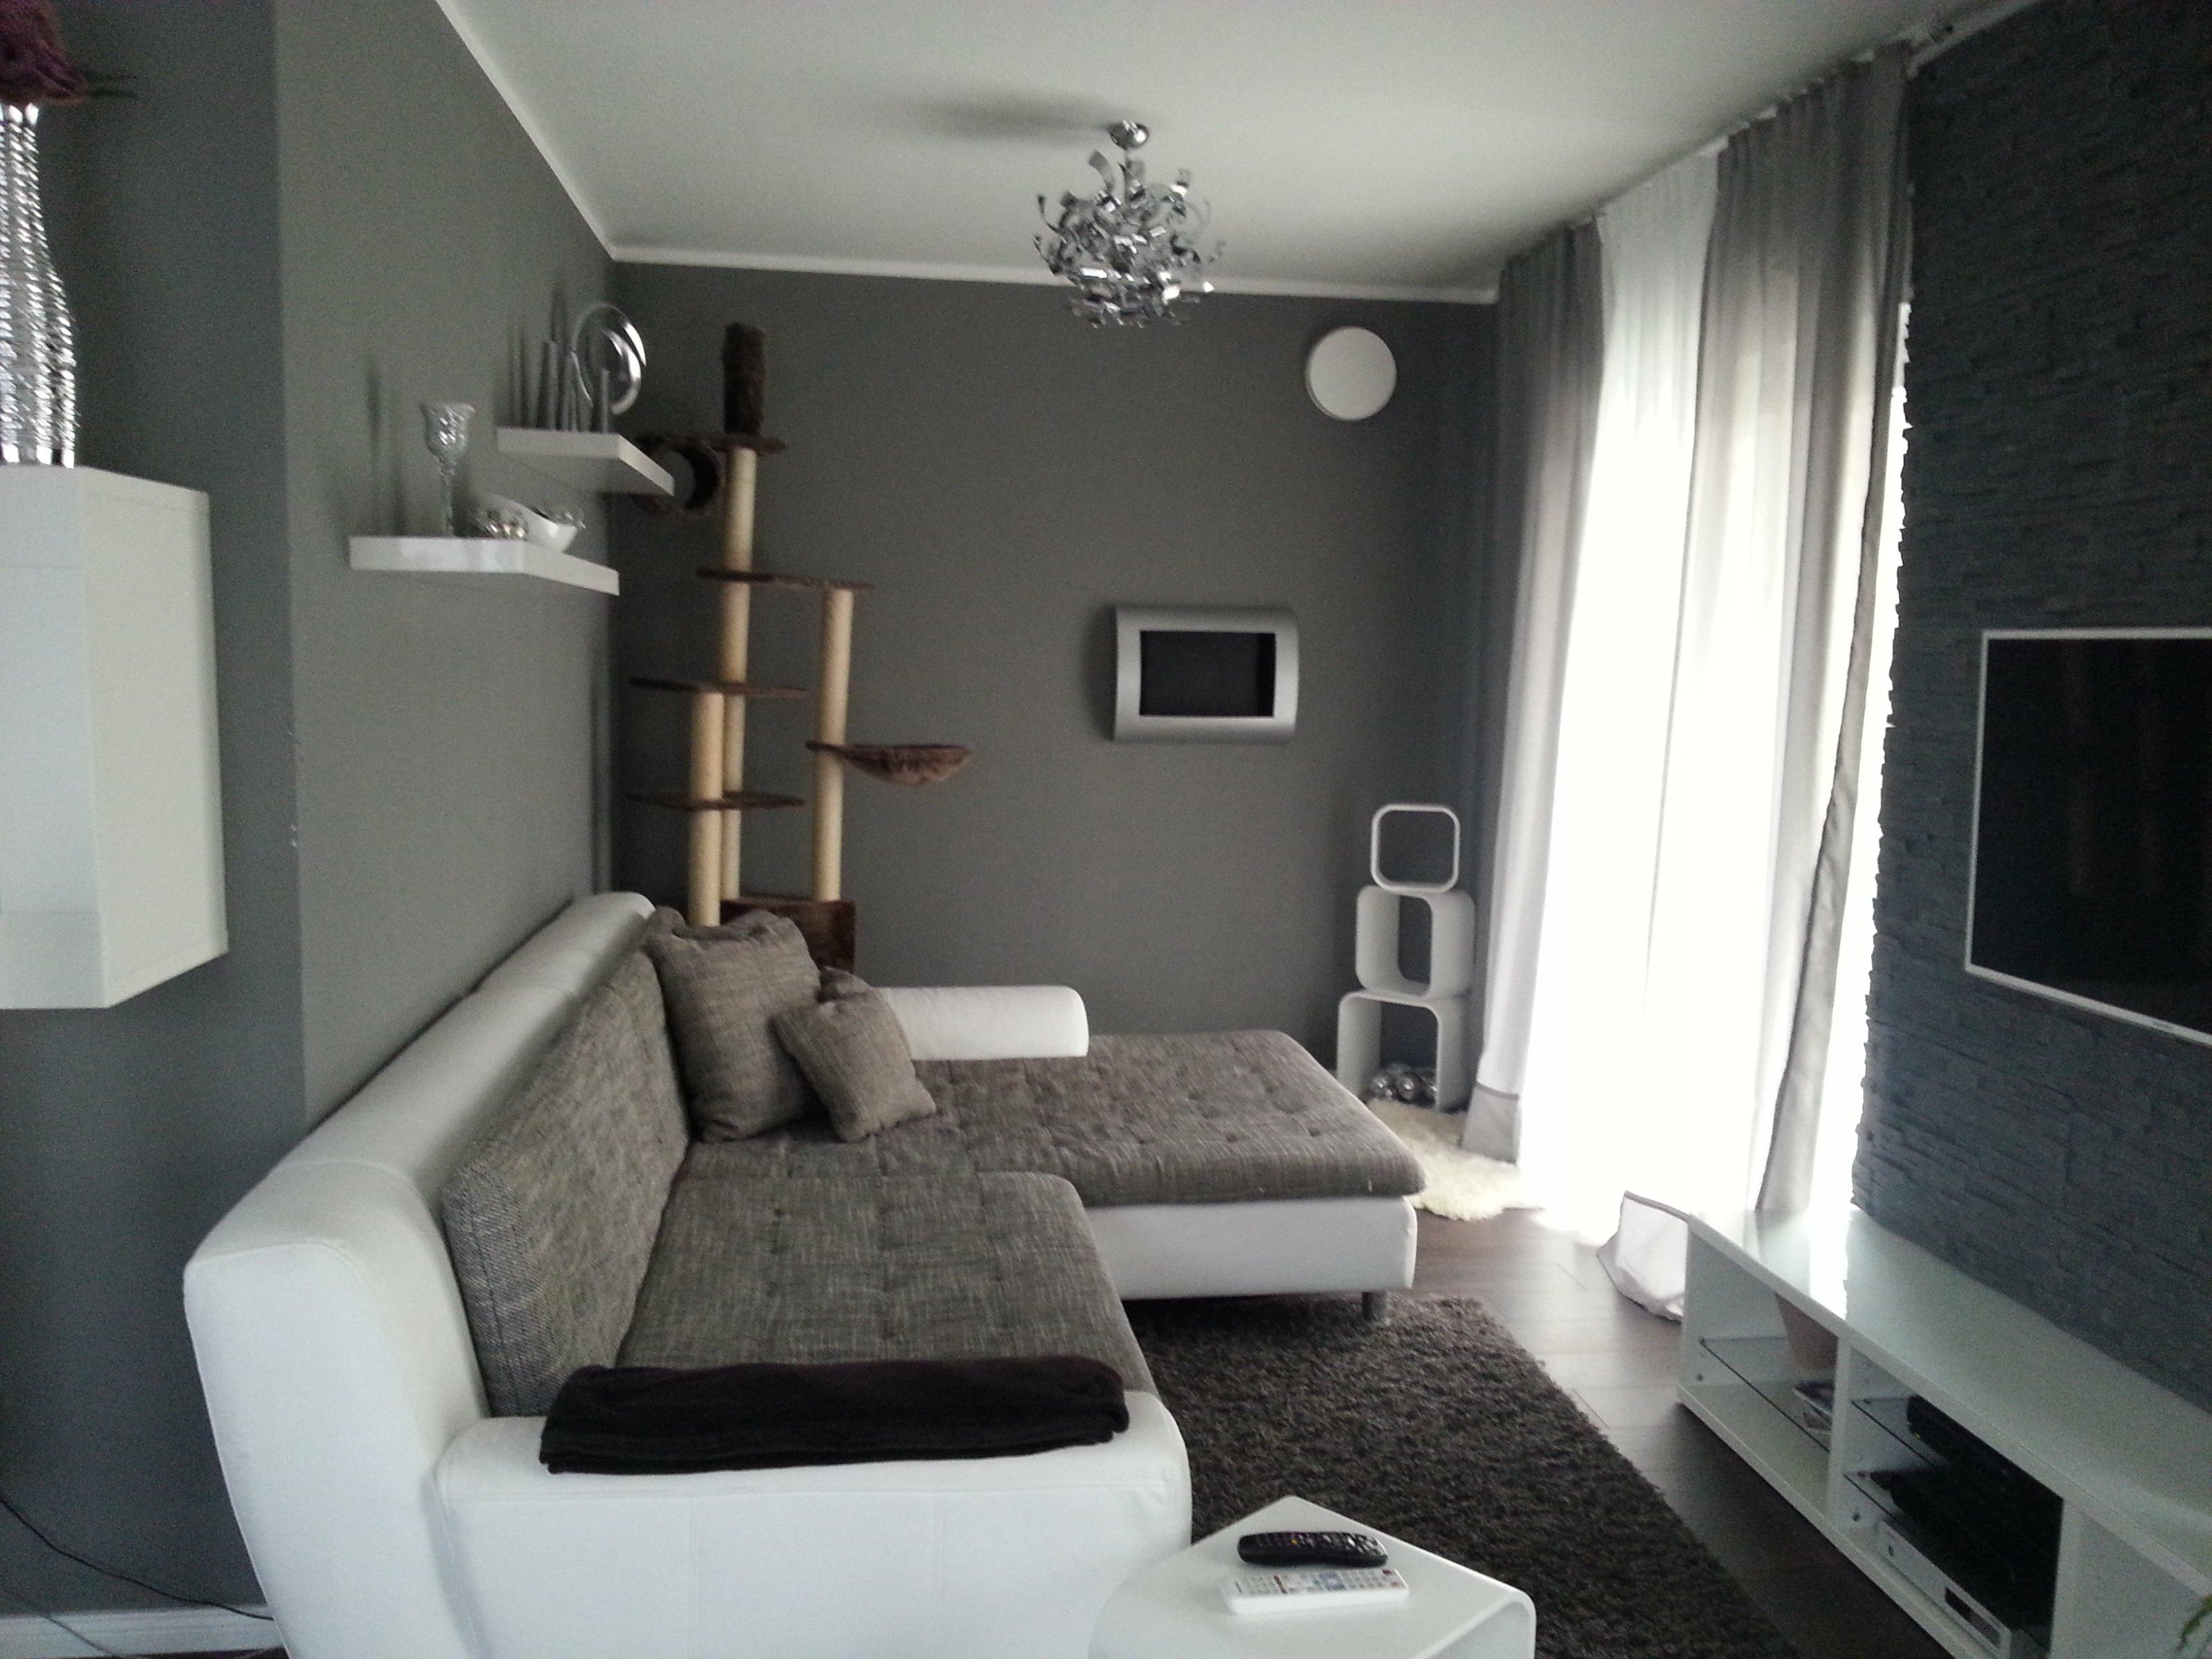 wohnzimmer 'wohnzimmer' - mein kleines reich! - zimmerschau - Wohnzimmer Grau Laminat